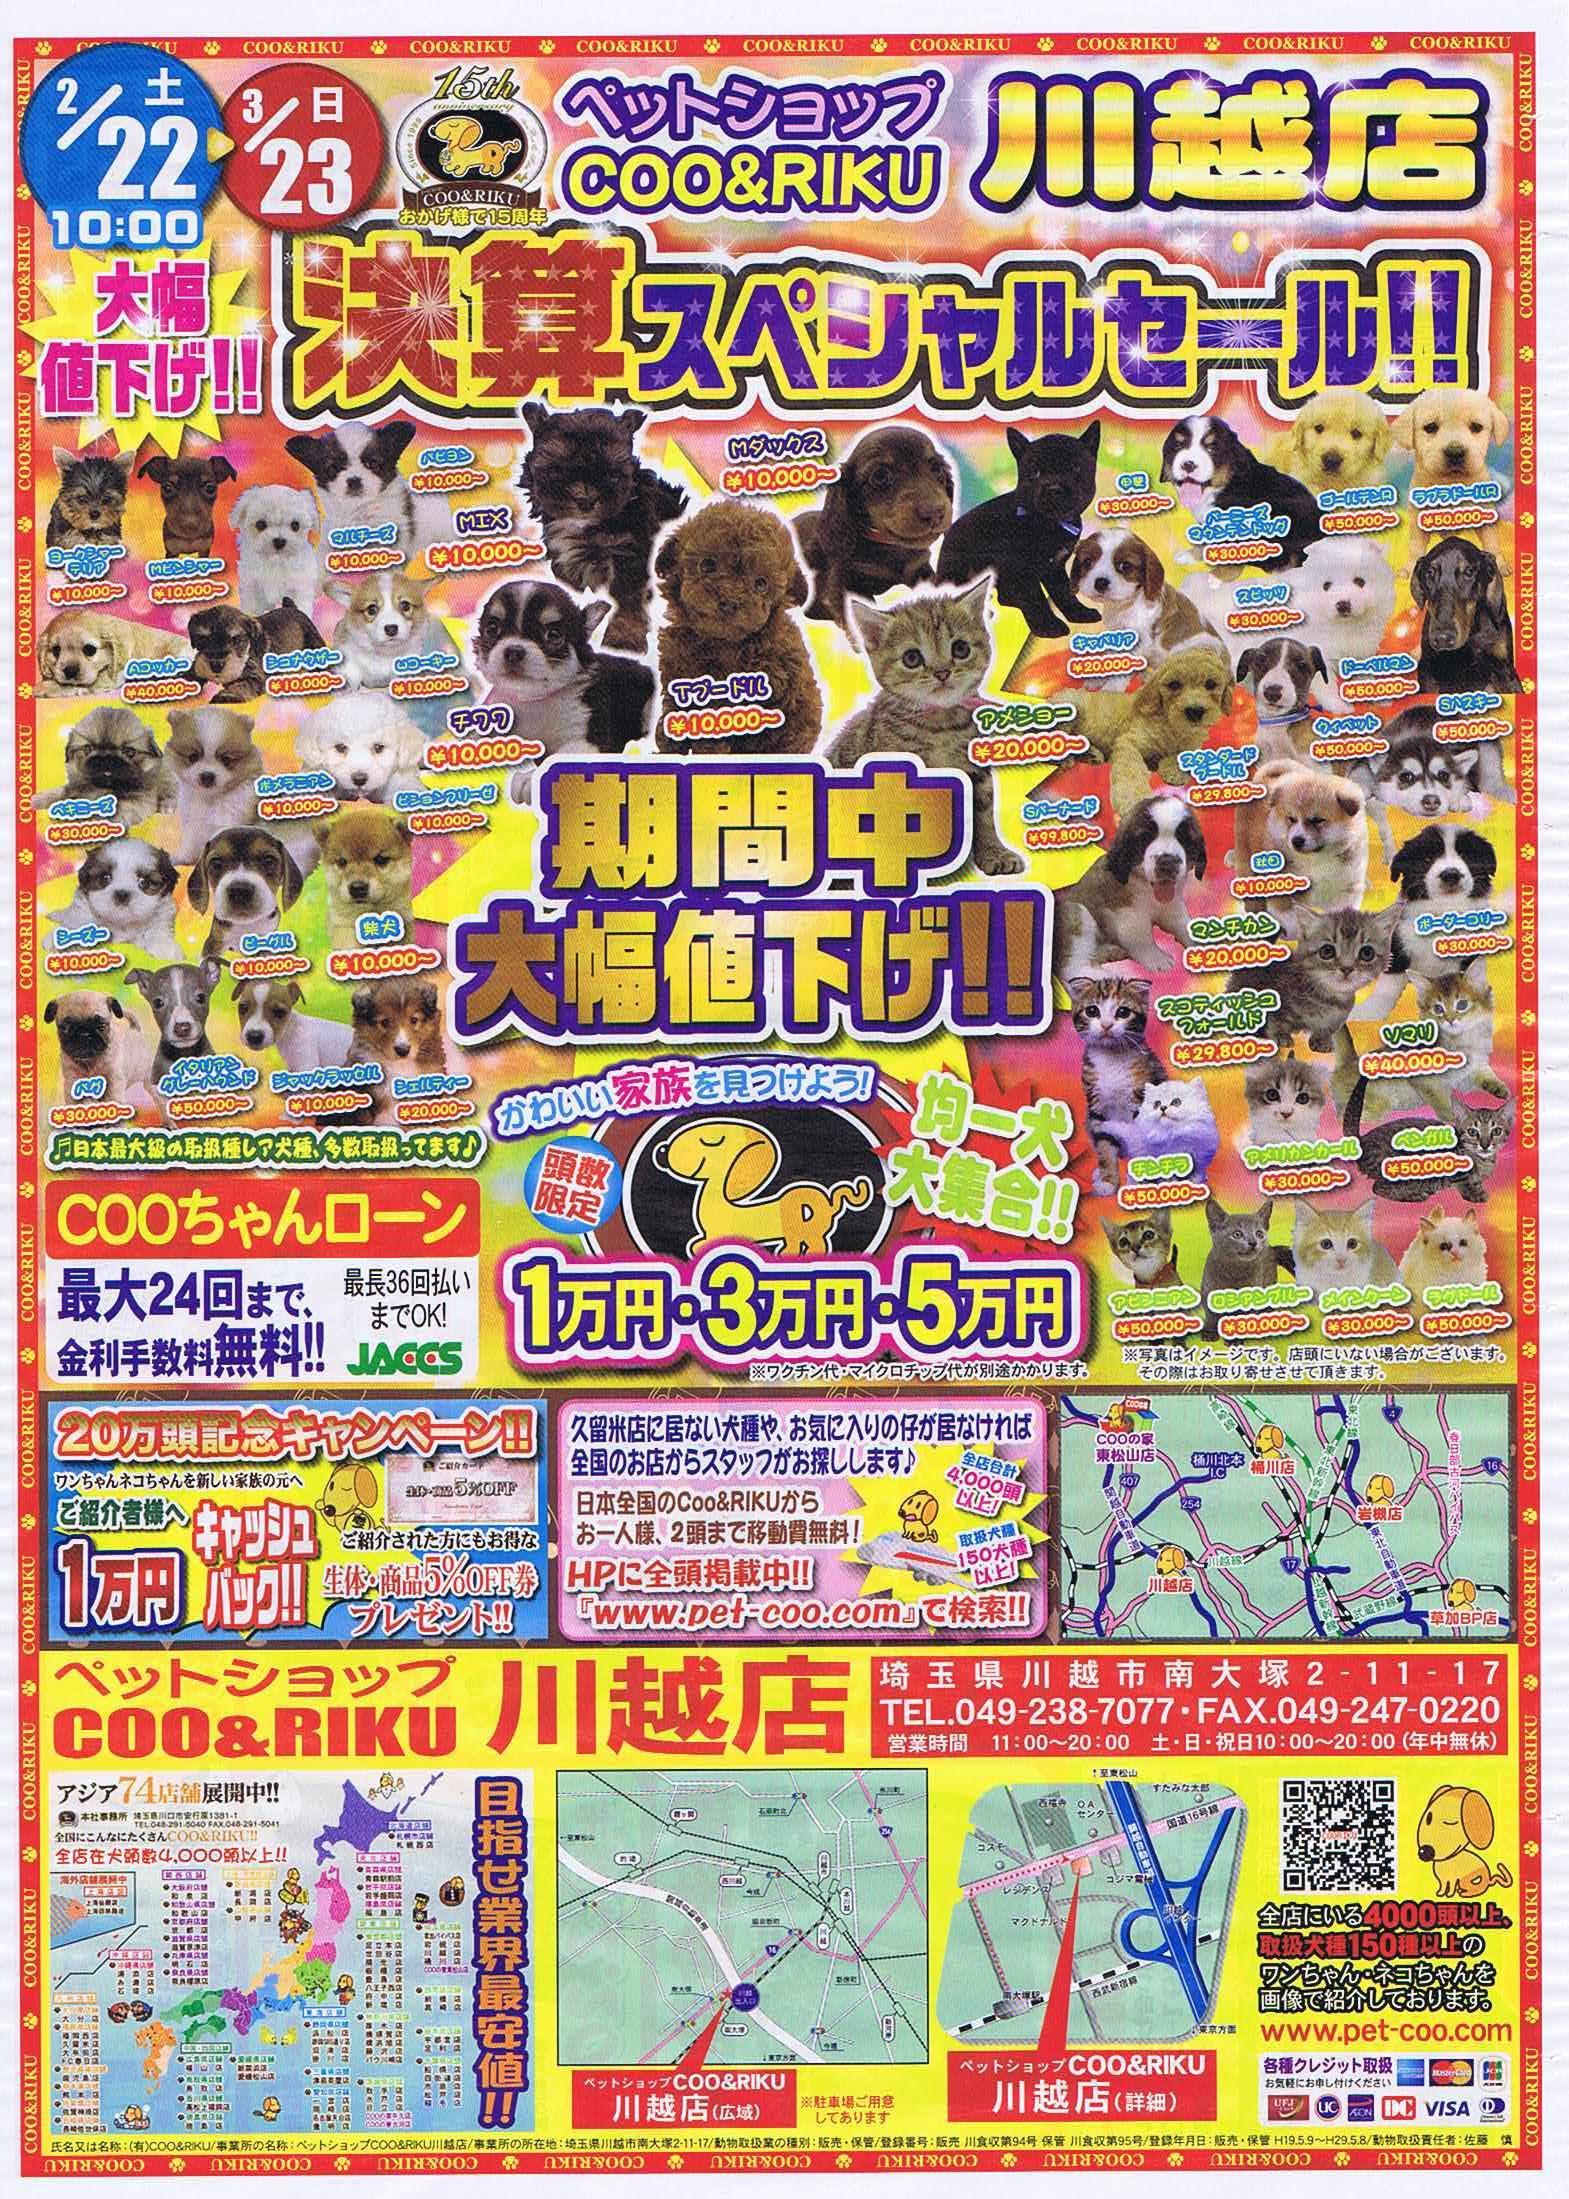 店舗 クーアンドリク Coo&RIKU(クーアンドリク) 感想。猫を購入する際に注意すること!